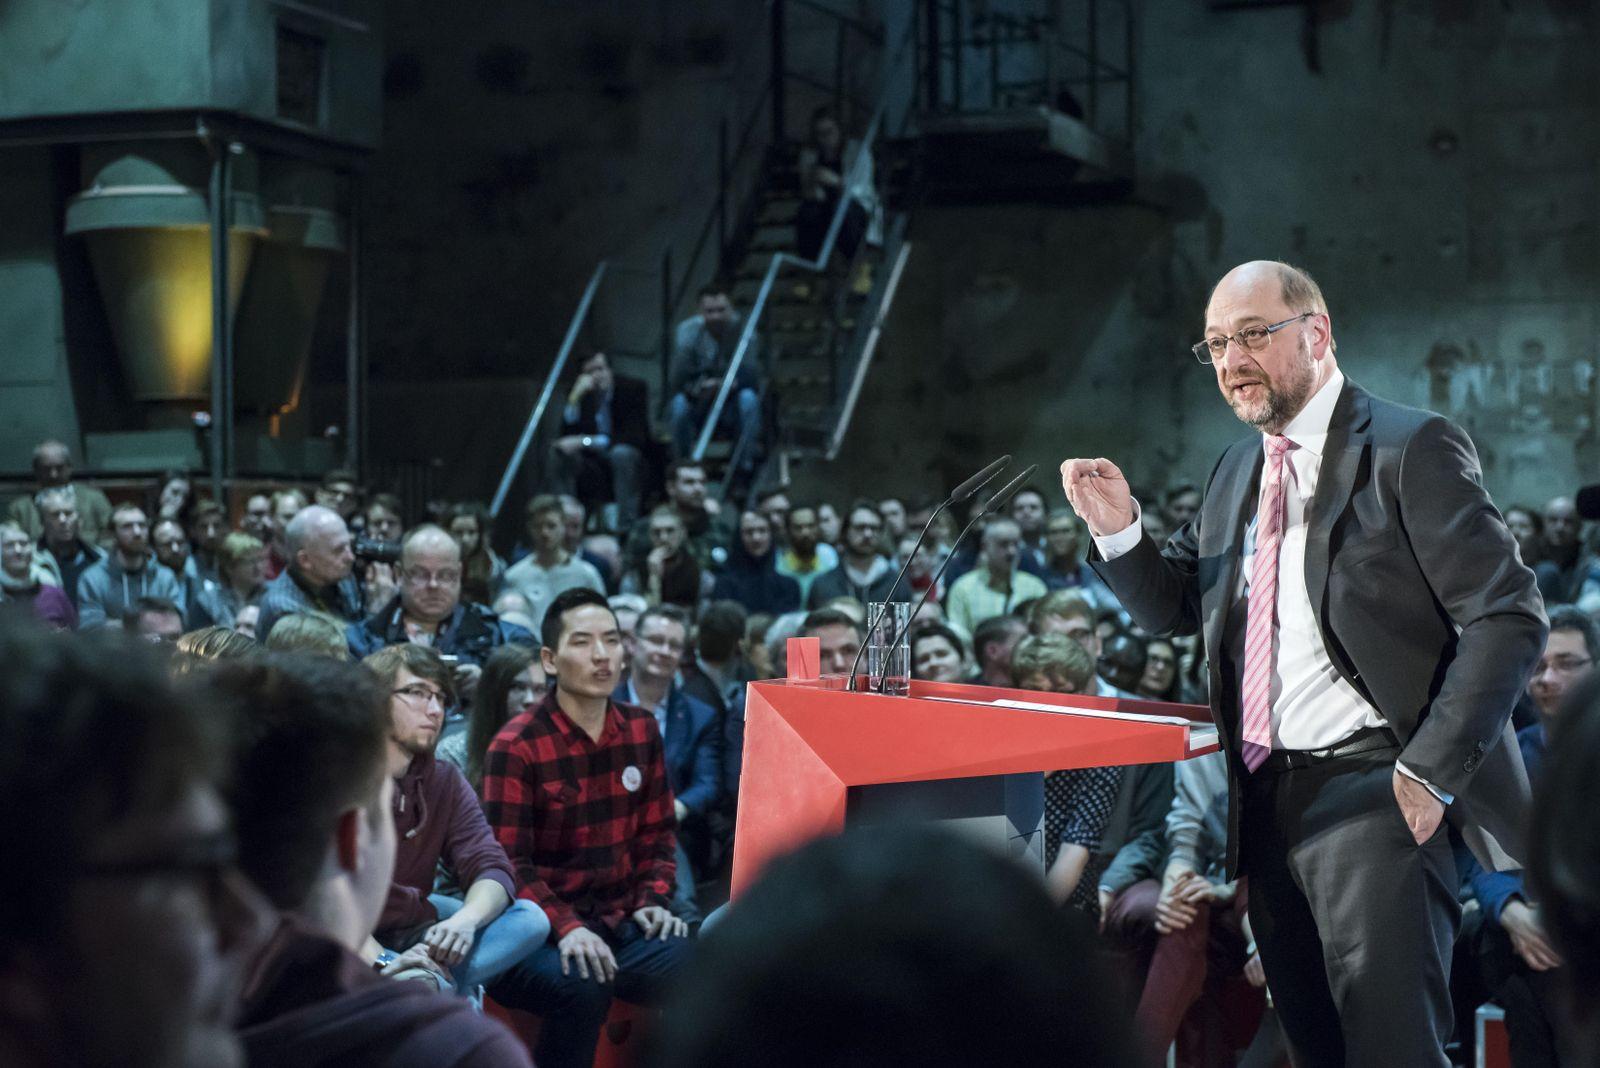 Martin Schulz in Leipzig #1